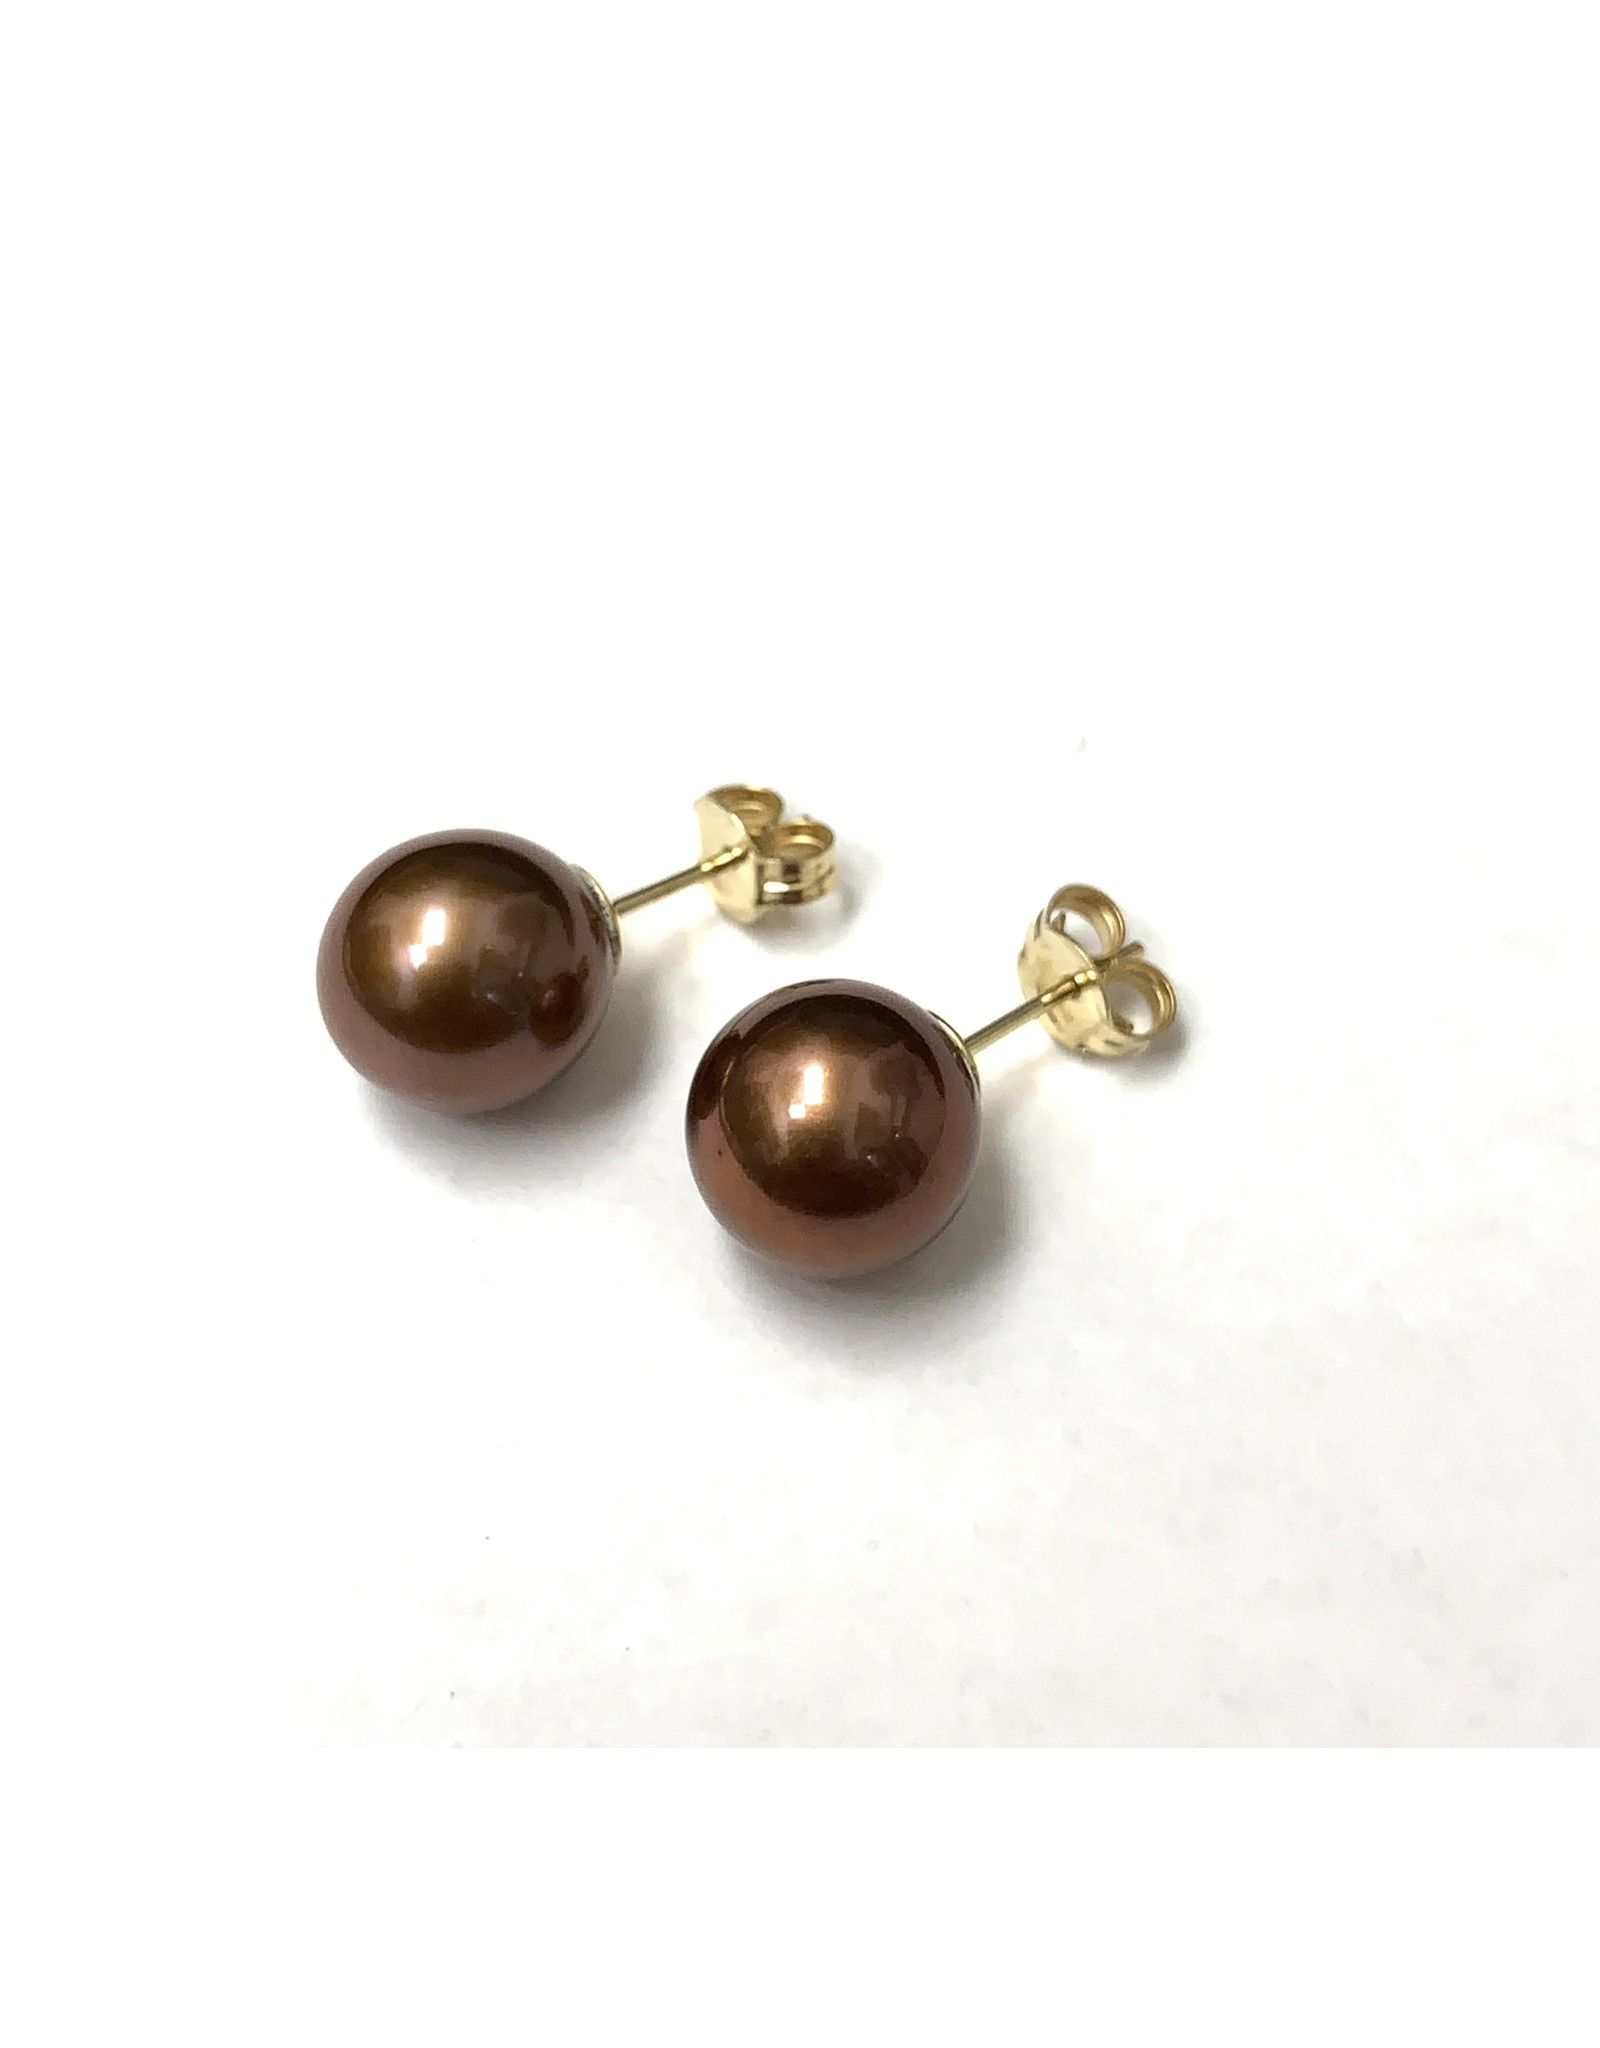 Copper FW Pearl Stud Earrings 14KY